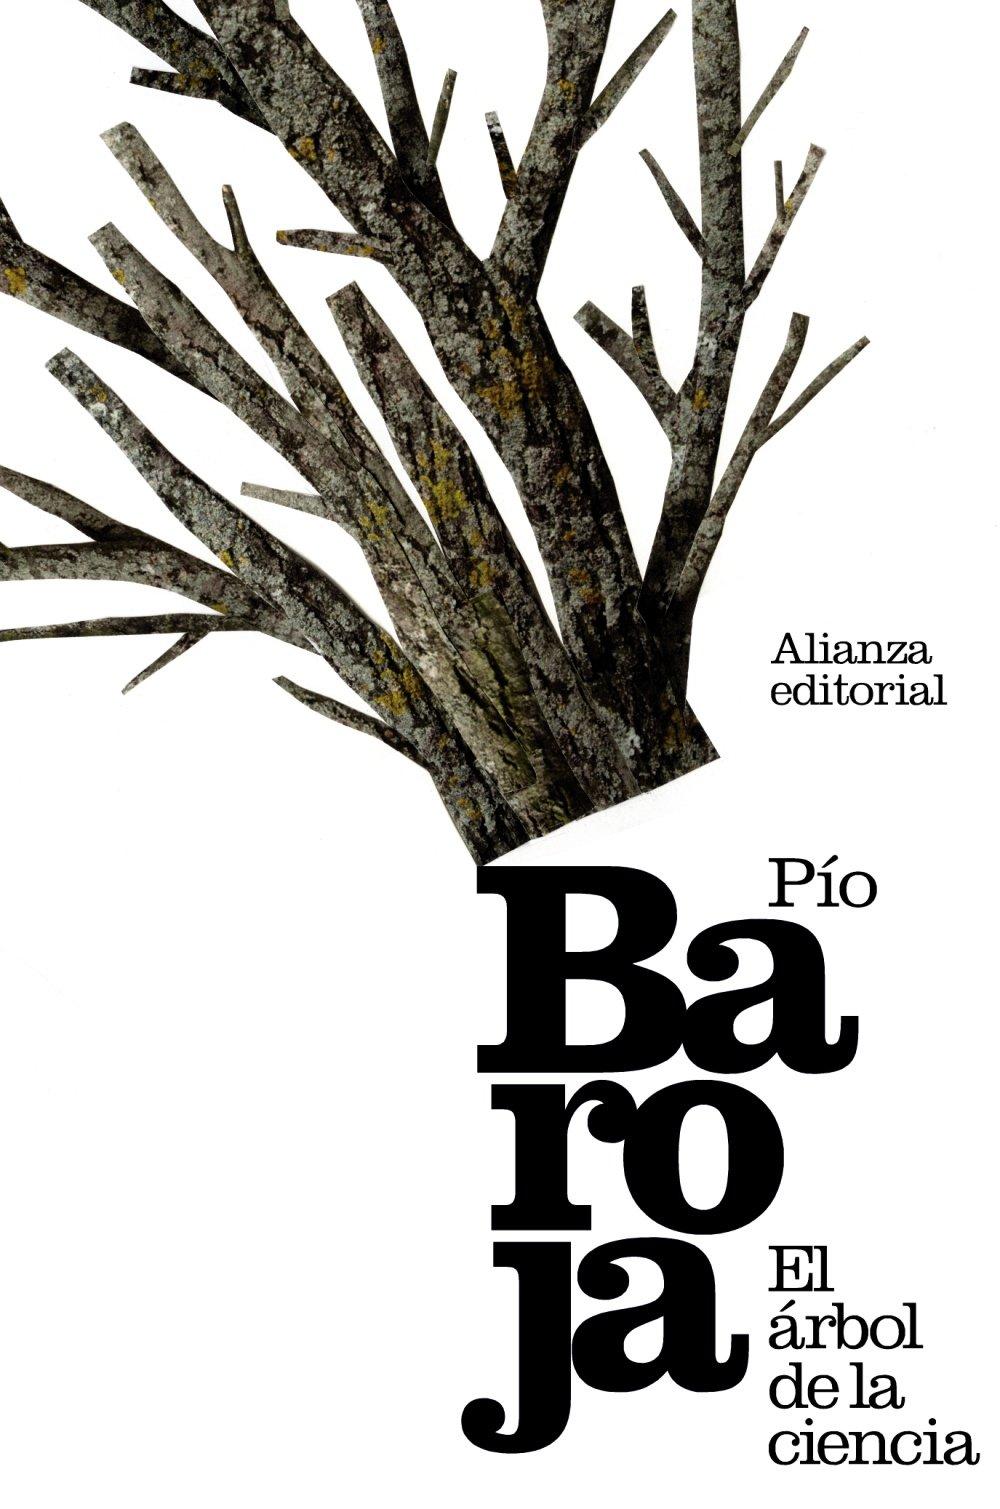 El árbol de la ciencia El libro de bolsillo - Bibliotecas de autor - Biblioteca Baroja: Amazon.es: Baroja, Pío: Libros